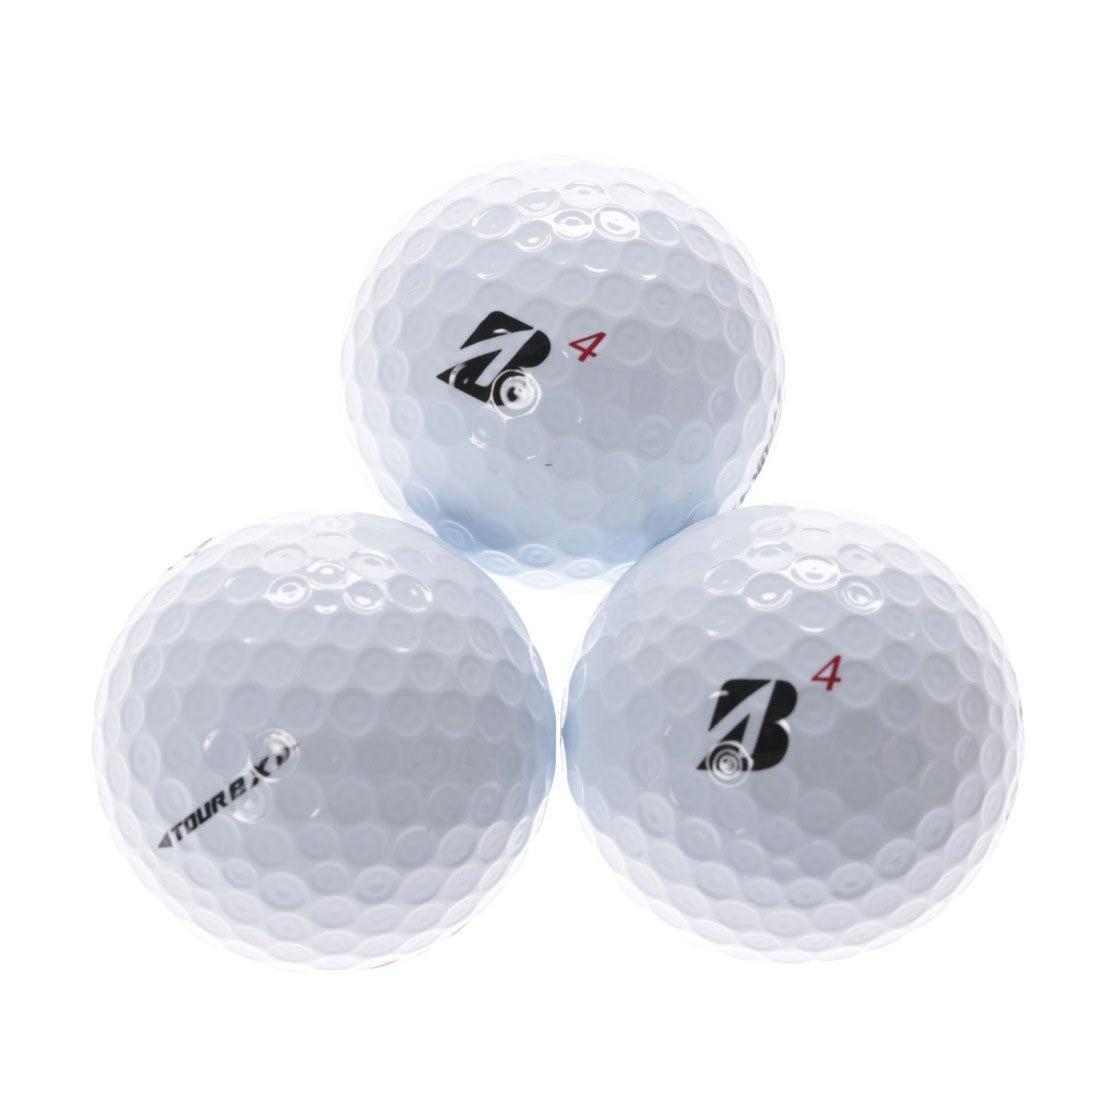 ブリヂストンゴルフ BRIDGESTONE GOLF ゴルフ 公認球 TOUR B X ホワイト 8BWXJ